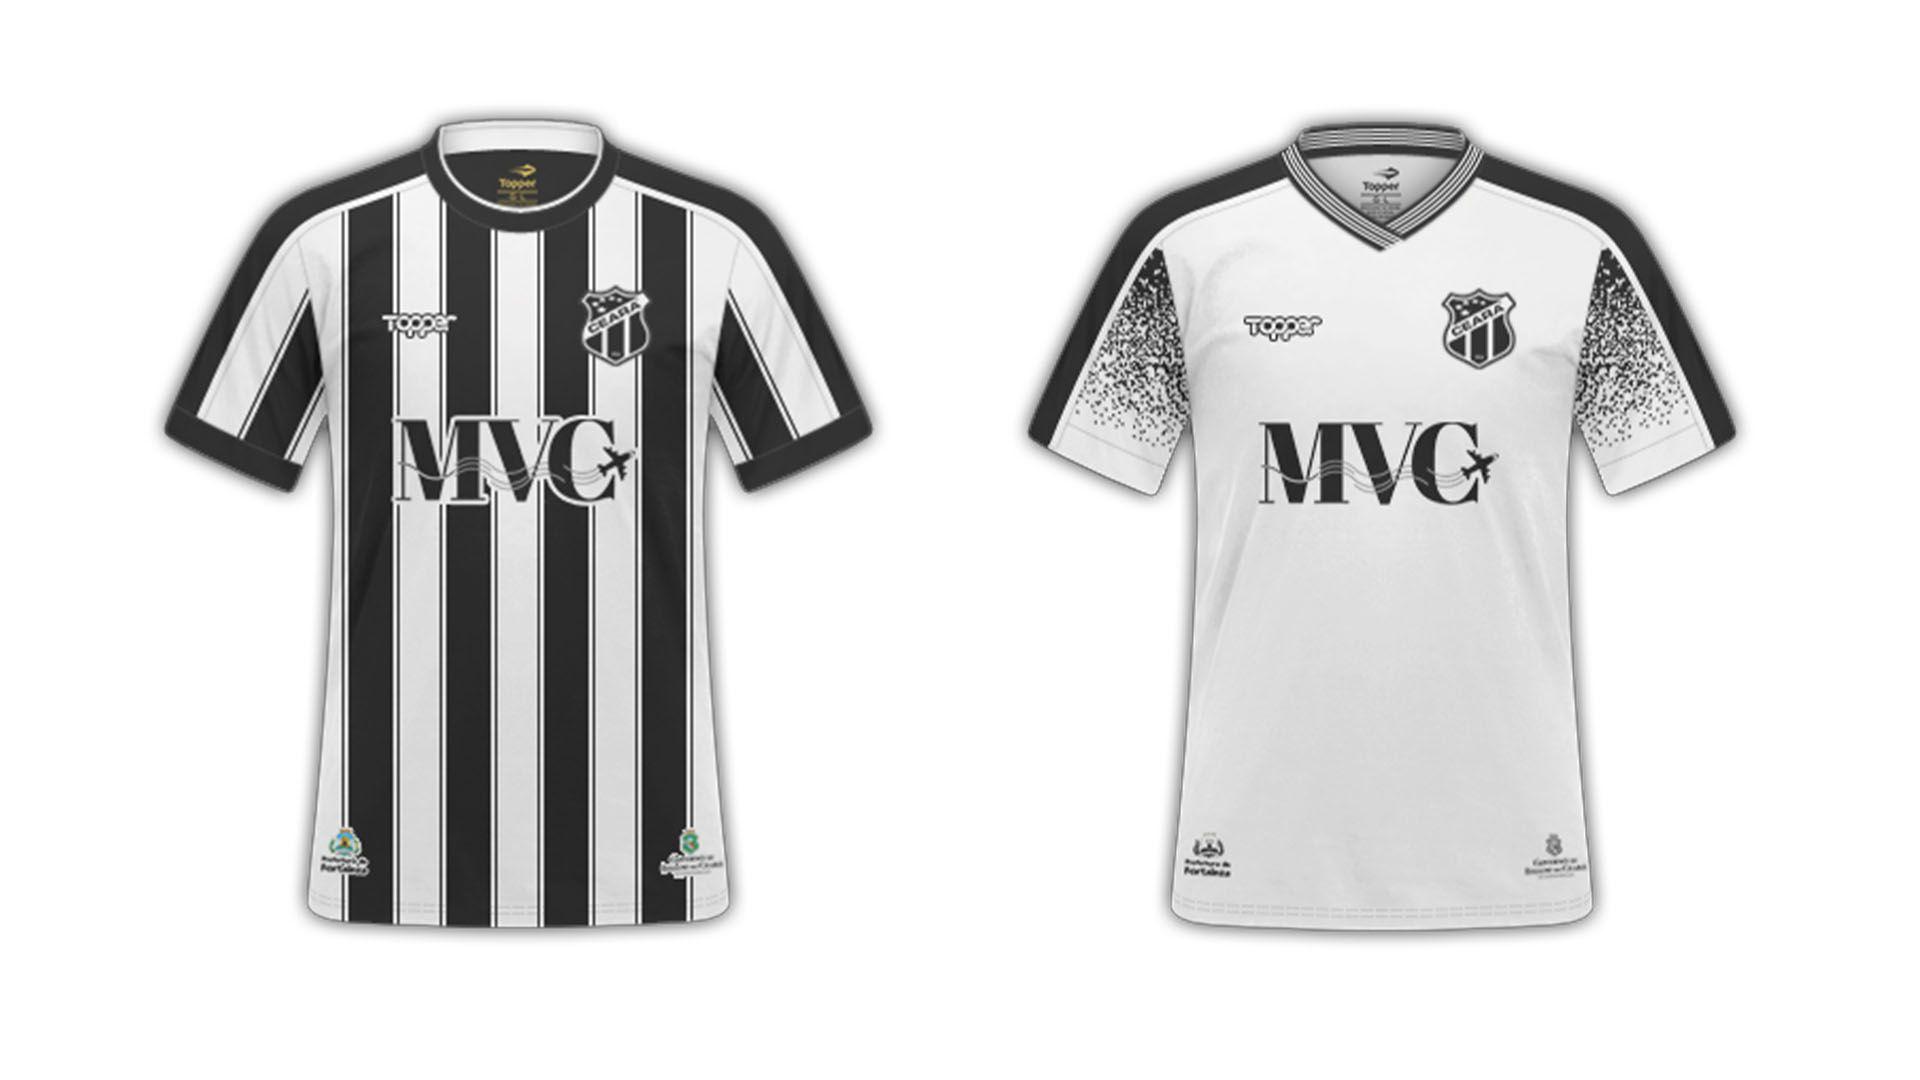 Camisa do Ceará 2019 Topper Jogo 1 e 2 (Imagem: Divulgação/Topper)